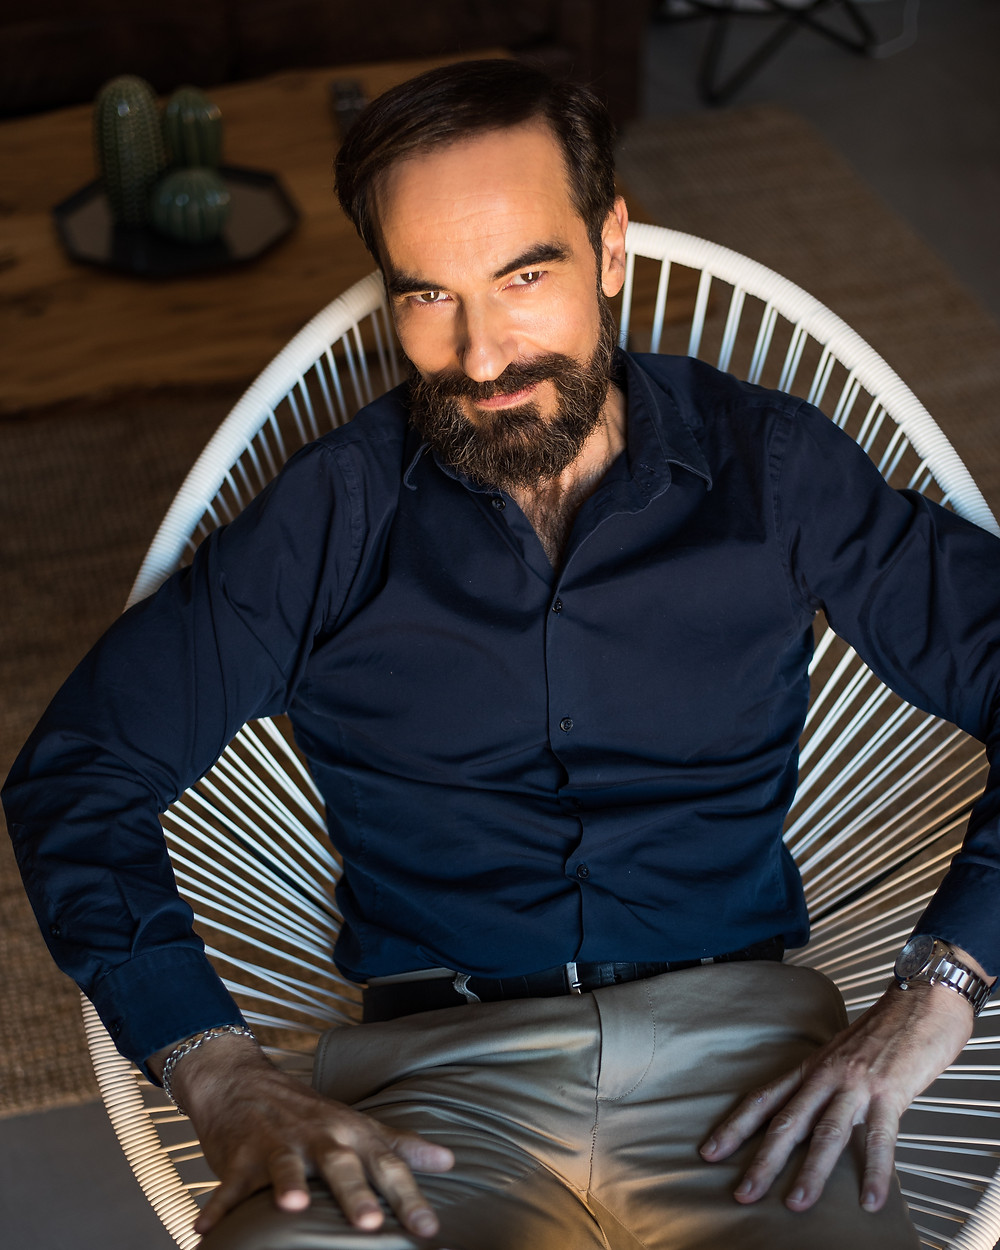 Excepcional resultado del trabajo como modelo del actor Javier Peña para David Prado.